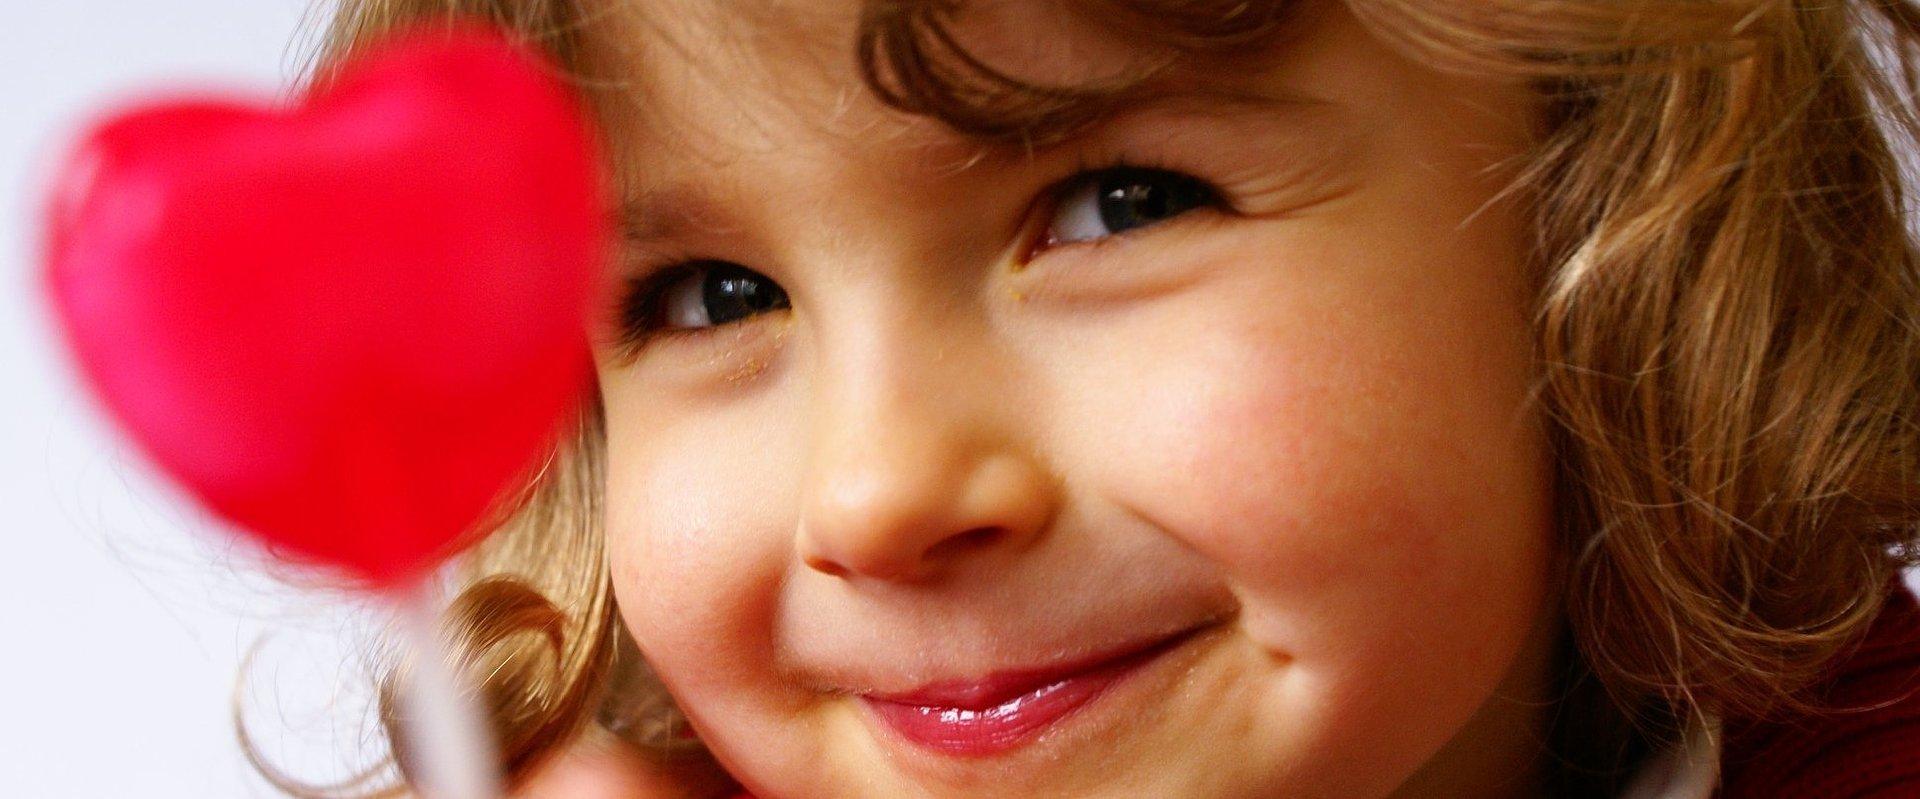 SOS Wioski Dziecięce zachęcają do podpisania petycję w sprawie ratyfikacji III Protokołu Fakultatywnego do Konwencji o Prawach Dziecka - NowyMarketing